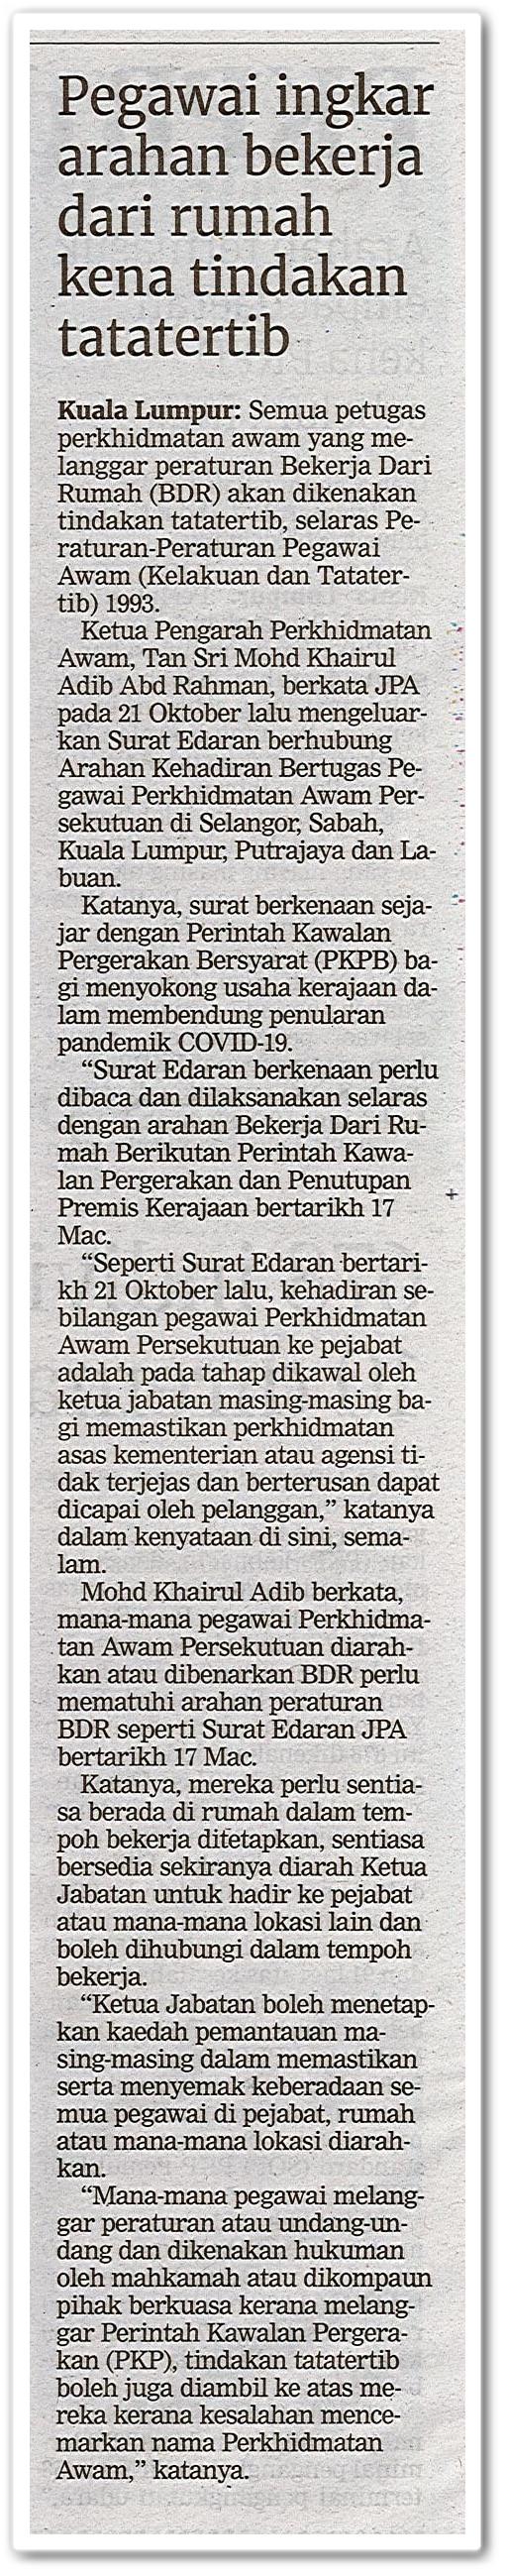 Pegawai ingkar arahan bekerja dari rumah kena tindakan tatatertib - Keratan akhbar Berita Harian 26 Oktober 2020